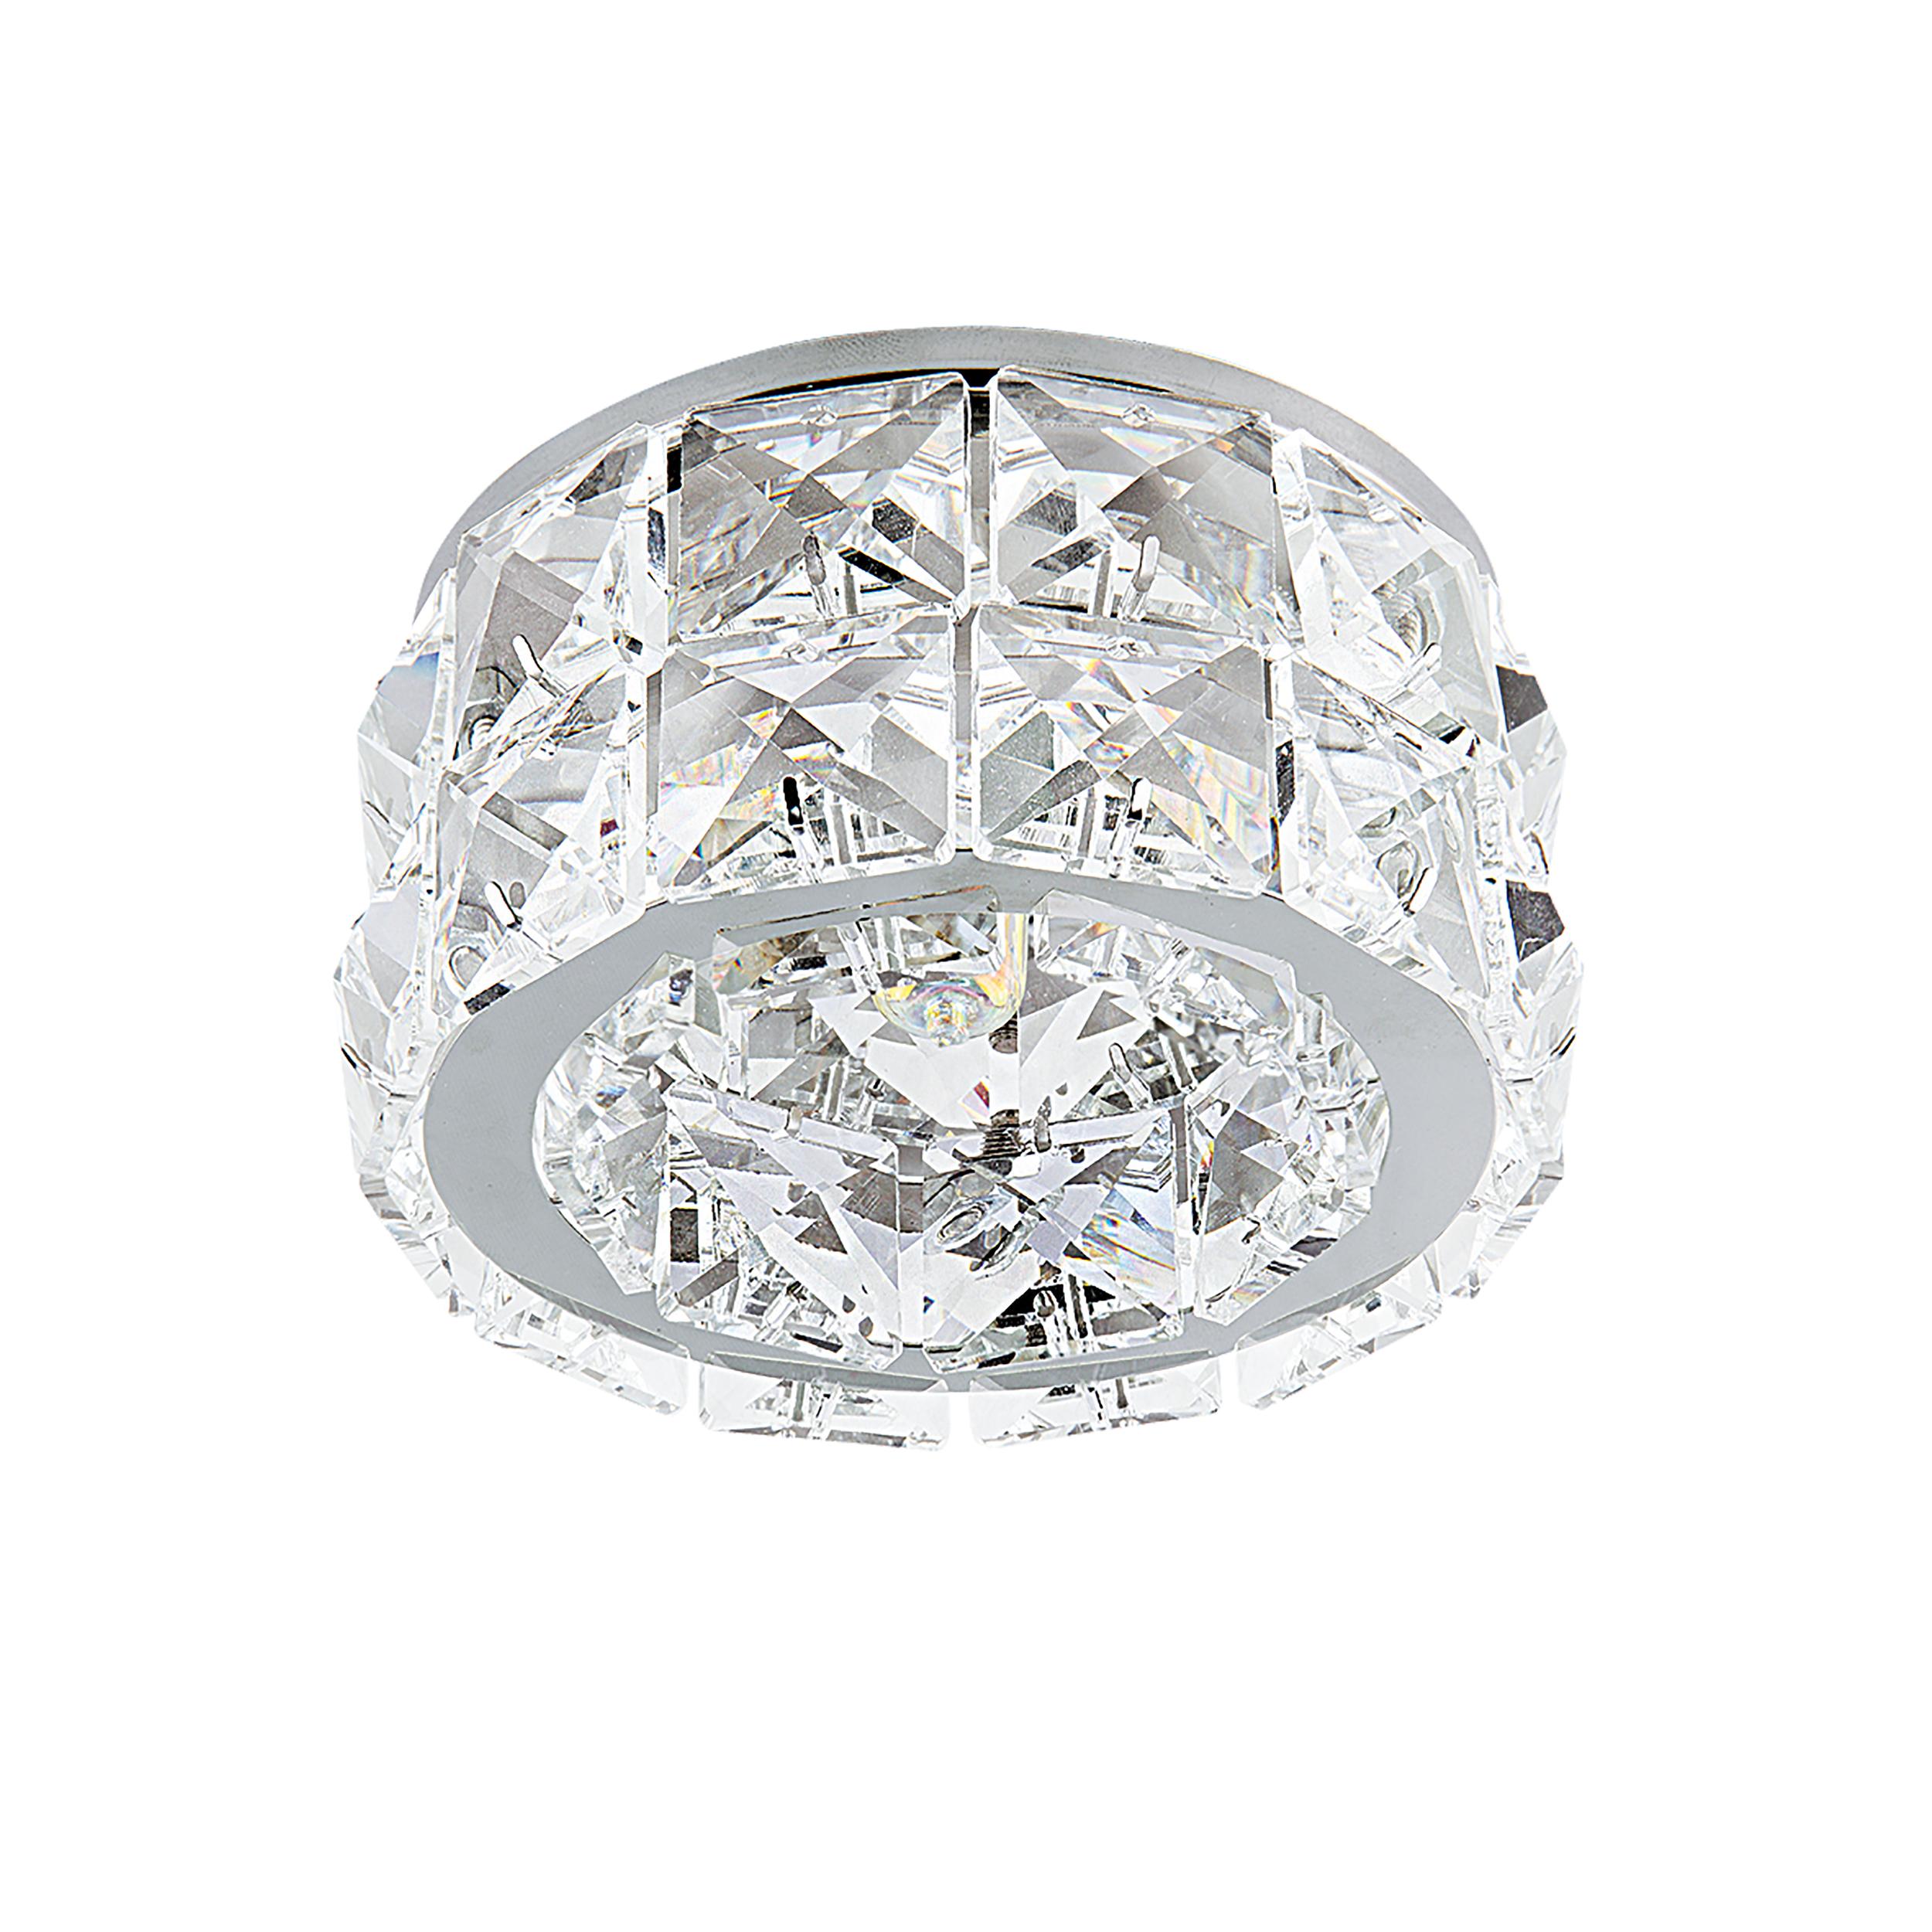 Встраиваемый светильник Lightstar Onda Grande 032804, 1xGU5.3x50W, хром, прозрачный, металл, хрусталь - фото 1